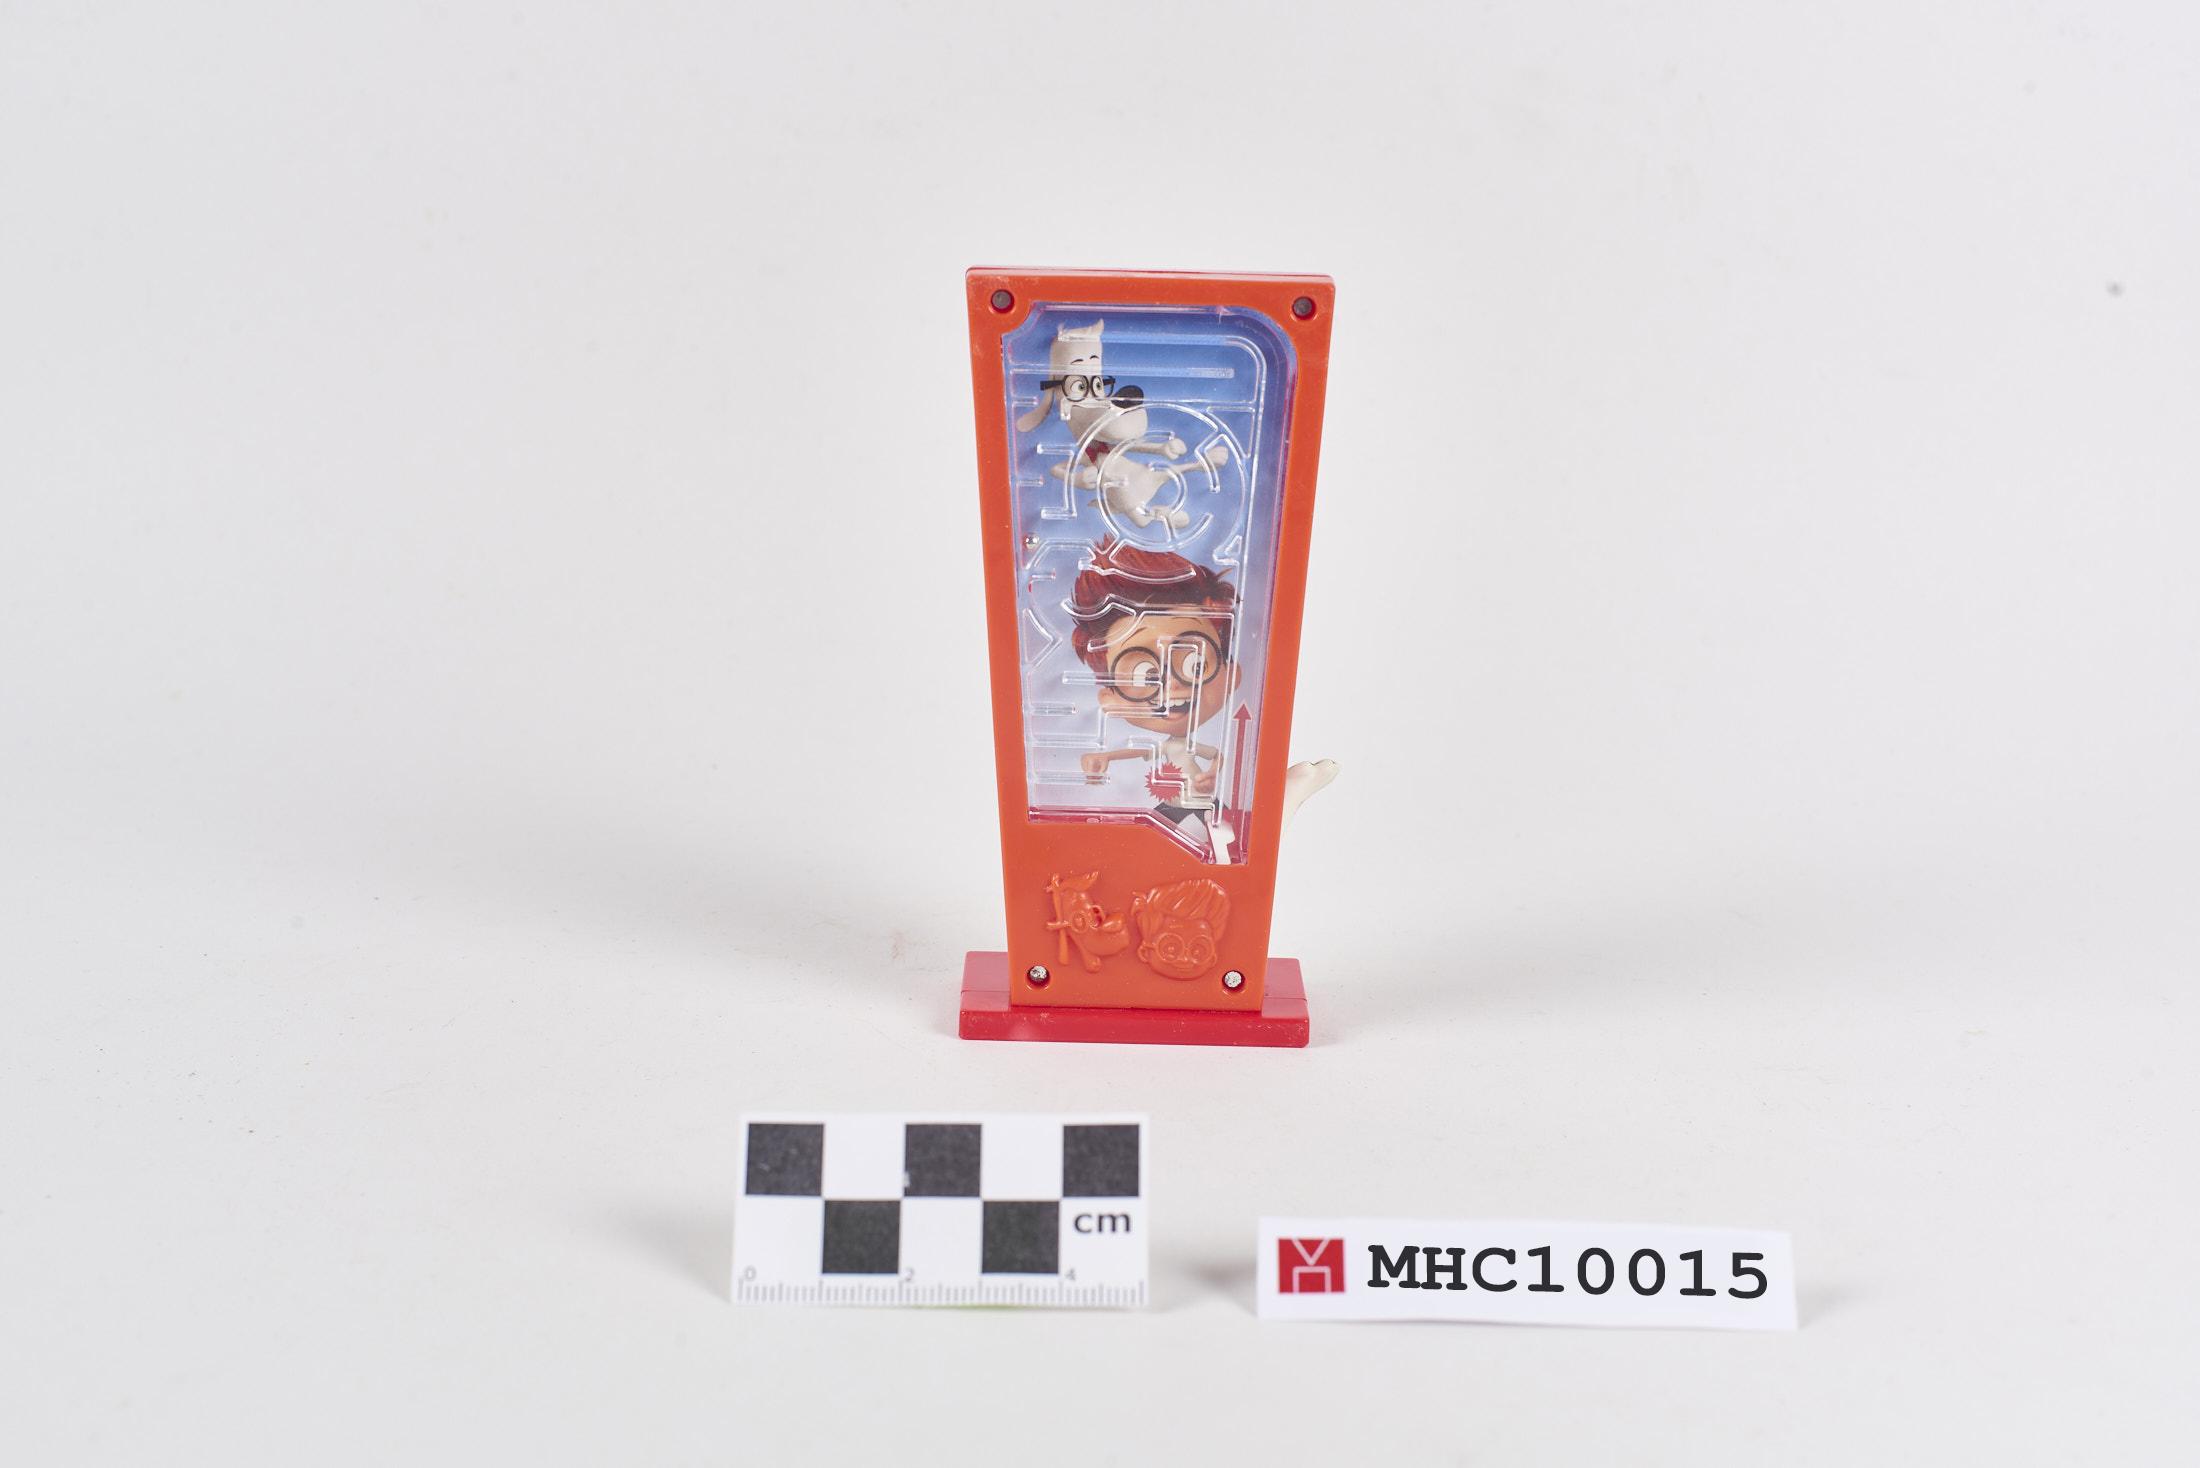 mhc10015